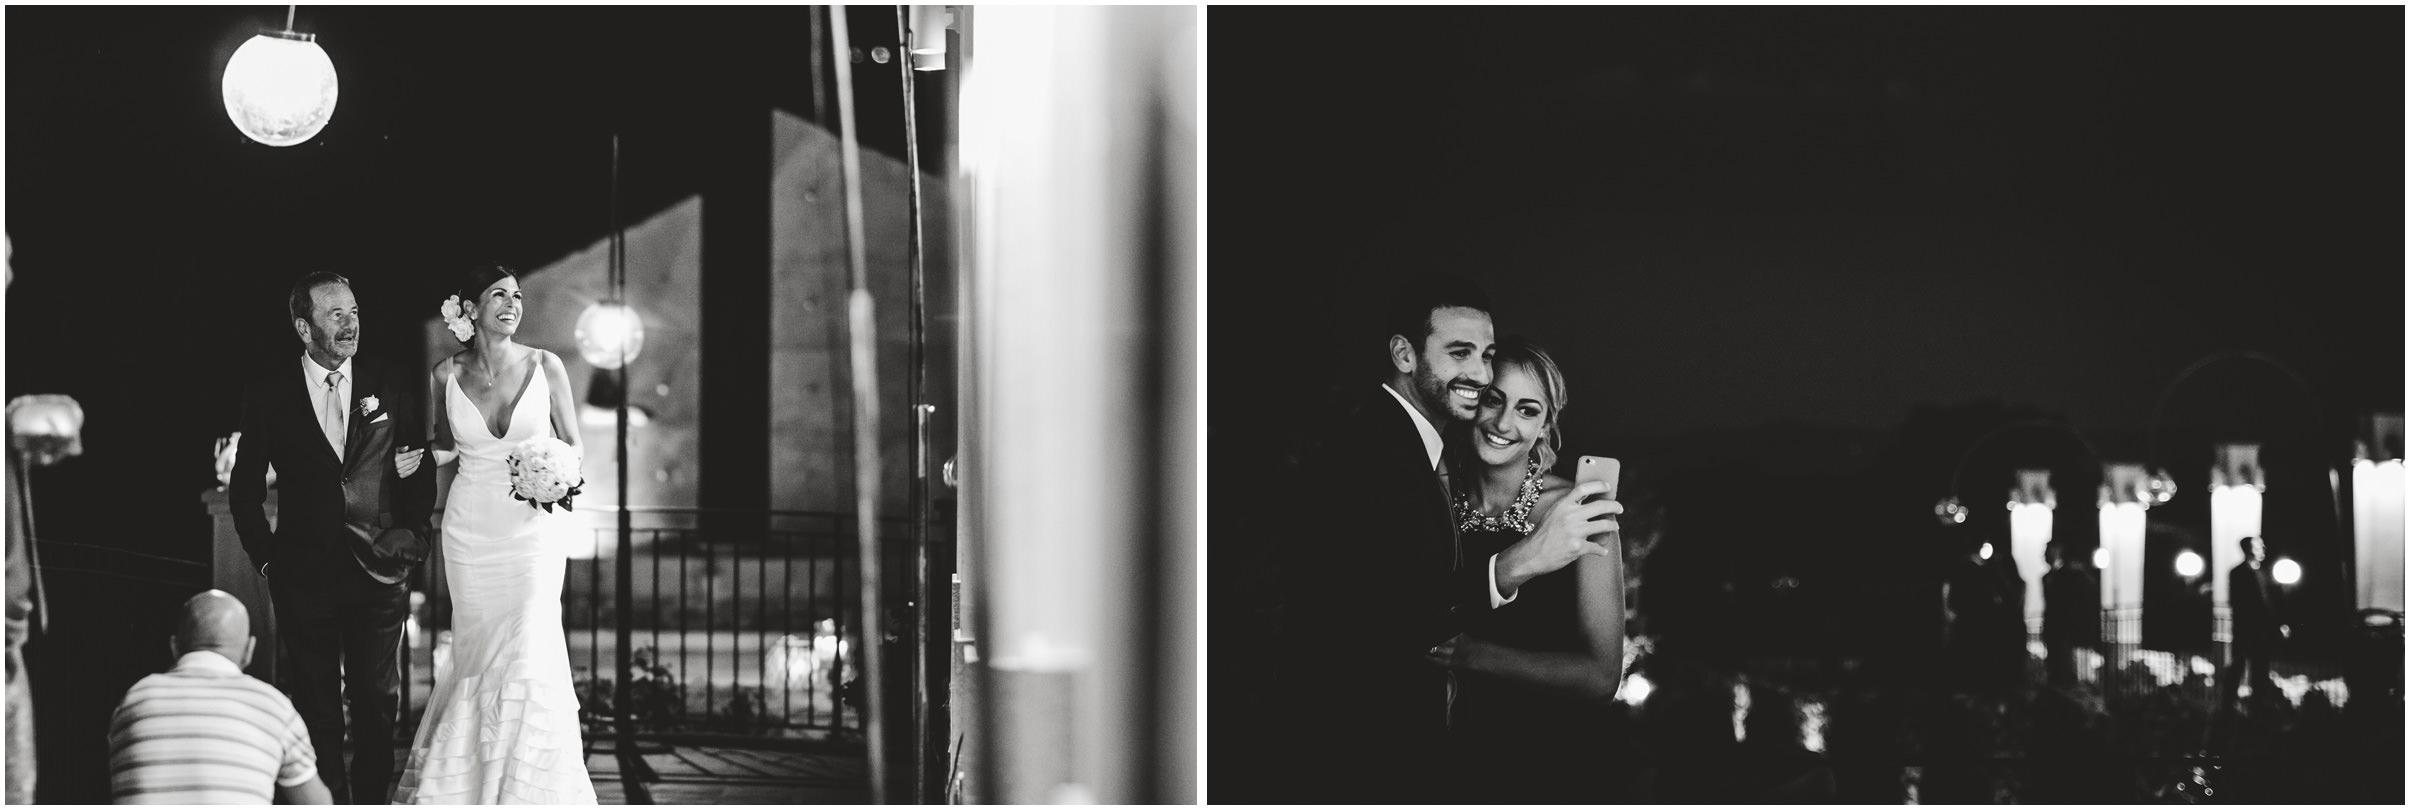 WEDDING-PHOTOGRAPHY-SARA-LORENZONI-FOTOGRAFIA-MATRIMONIO-AREZZO-TUSCANY-EVENTO-LE-SPOSE-DI-GIANNI-ELISA-LUCA063